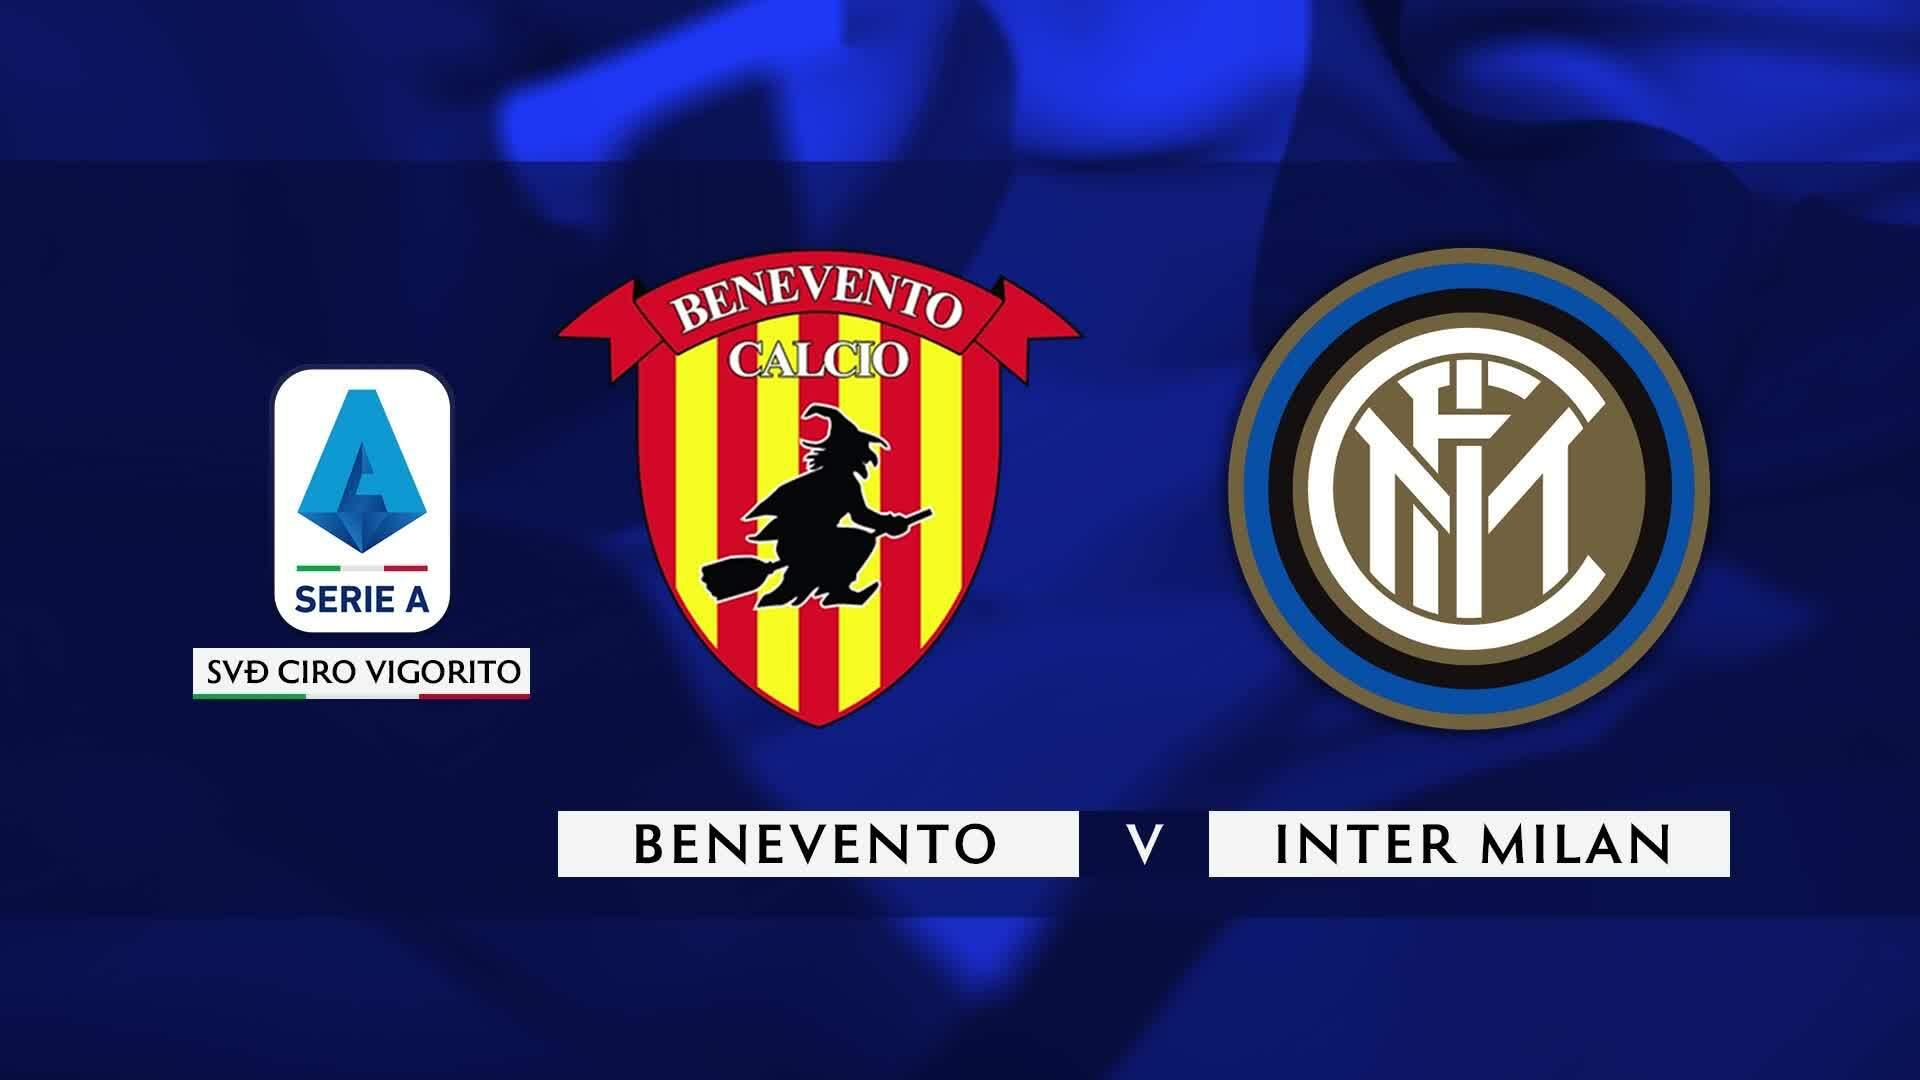 Benevento 2-5 Inter Milan